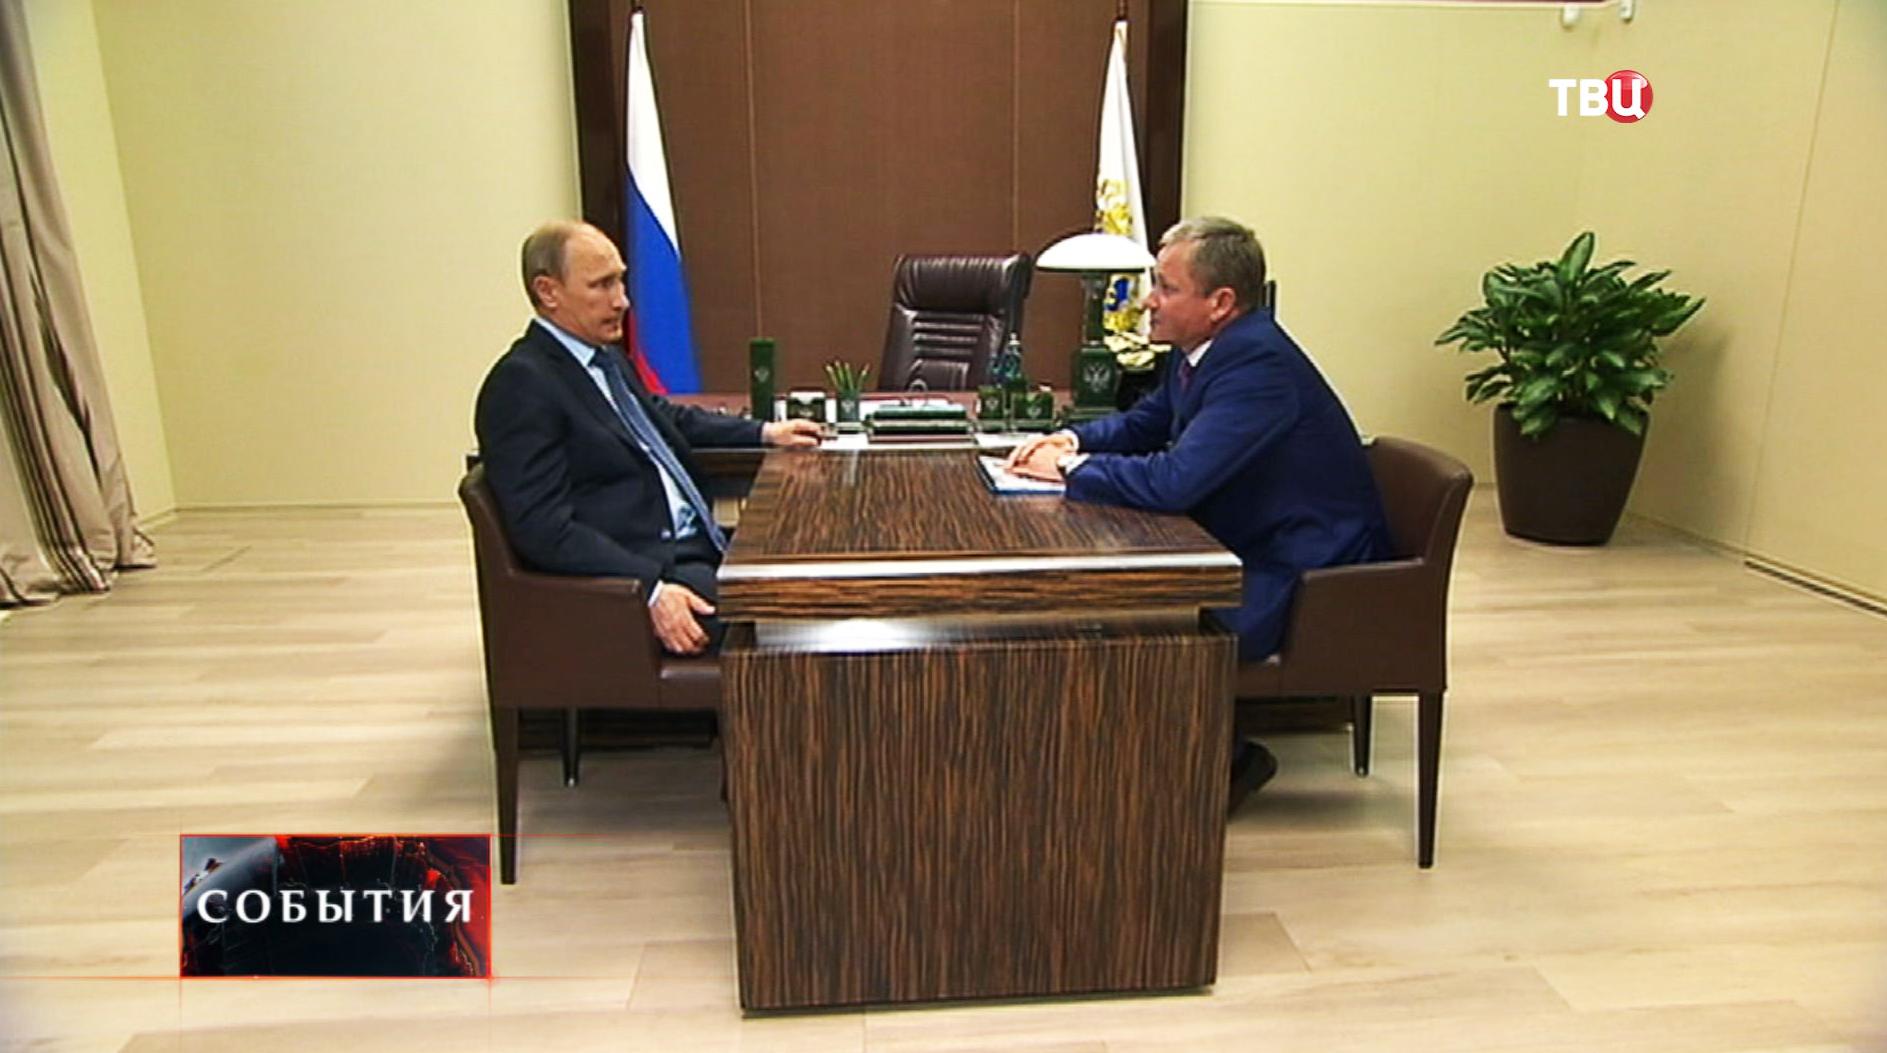 Президент России Владимир Путин и Алексей Кокорин во время встречи